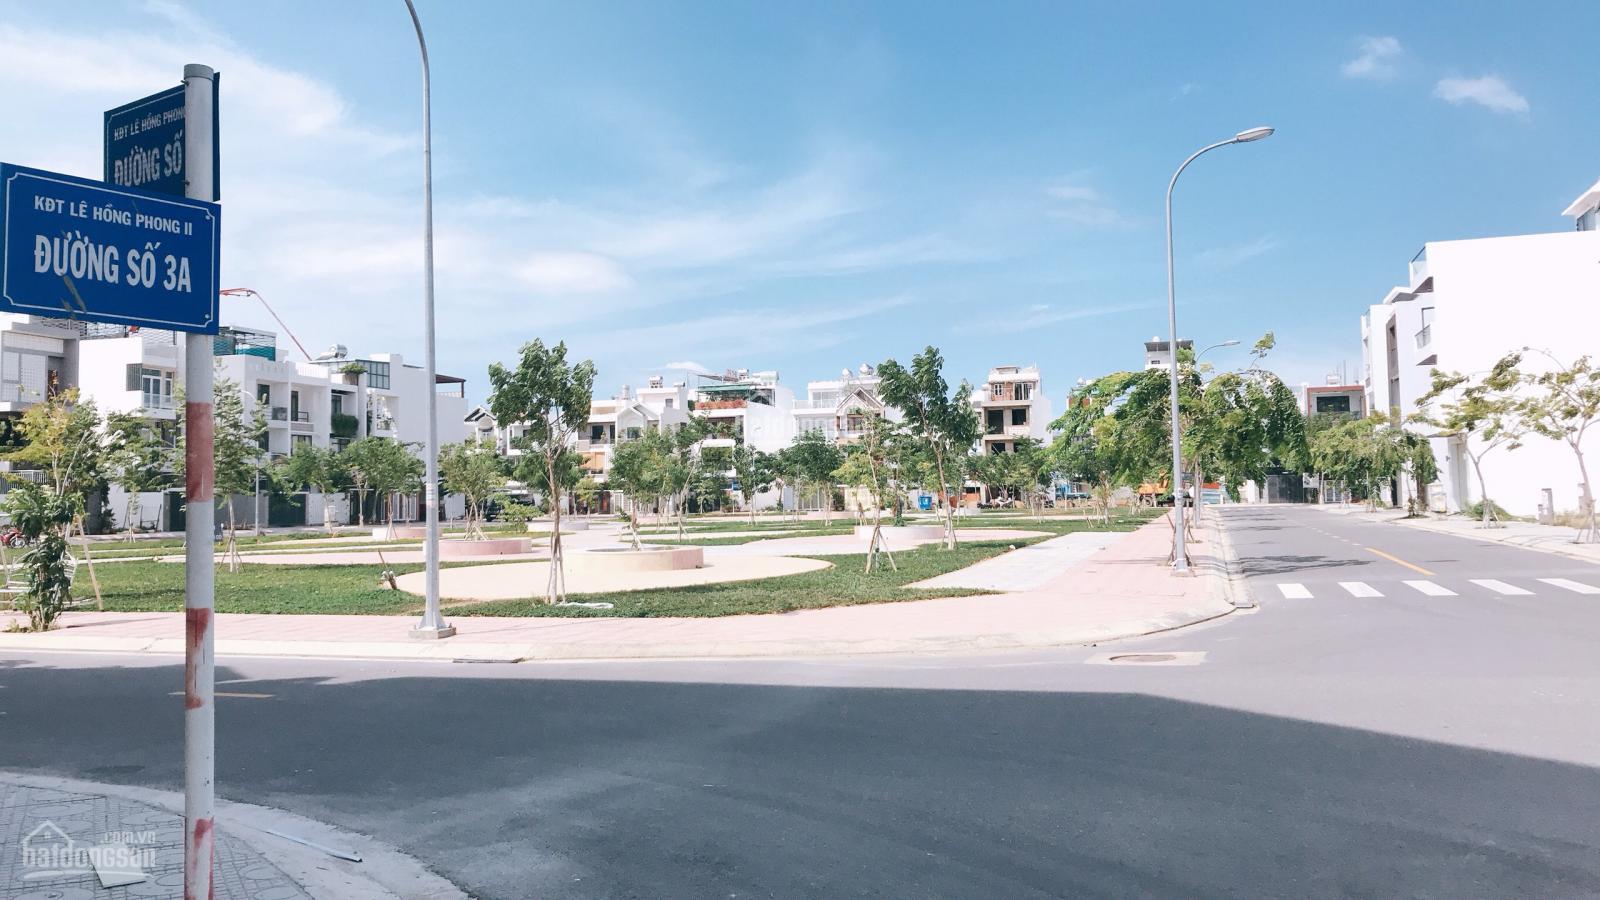 Giá covid: Lô 100m2 giá chỉ 31 tr/m2 gần công viên Đường Số 20, lô sạch đẹp - KĐT Lê Hồng Phong 2